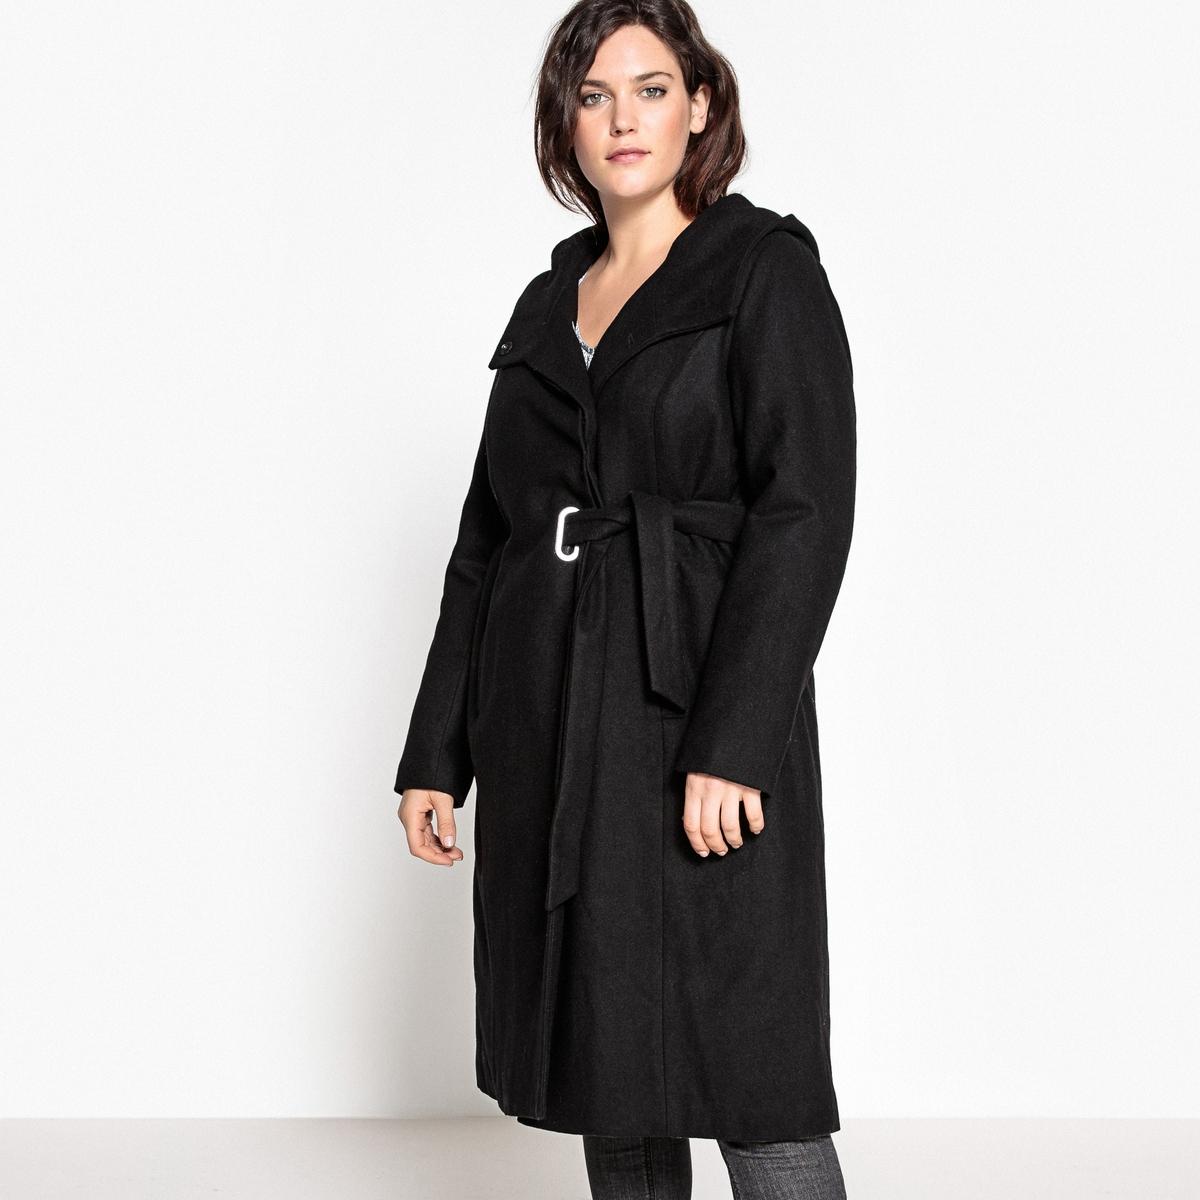 Пальто с капюшоном и ремешкомОписание:Вам будет тепло и комфортно в этом пальто с капюшоном из шерстяного драпа . Оно обеспечит вам надежную защиту от холода .Детали •  Длина : средняя •  Капюшон • Застежка на пуговицы •  С капюшоном Состав и уход •  50% вискозы, 50% шерсти  • Не стирать •  Сухая чистка / отбеливание запрещено •  Не использовать барабанную сушку  •  Не гладитьТовар из коллекции больших размеров •  50 % шерсти •  Ремешок со шлевками . •  2 кармана  •  Длина : 111,3 см<br><br>Цвет: сливовый,черный<br>Размер: 50 (FR) - 56 (RUS).50 (FR) - 56 (RUS).54 (FR) - 60 (RUS).46 (FR) - 52 (RUS)